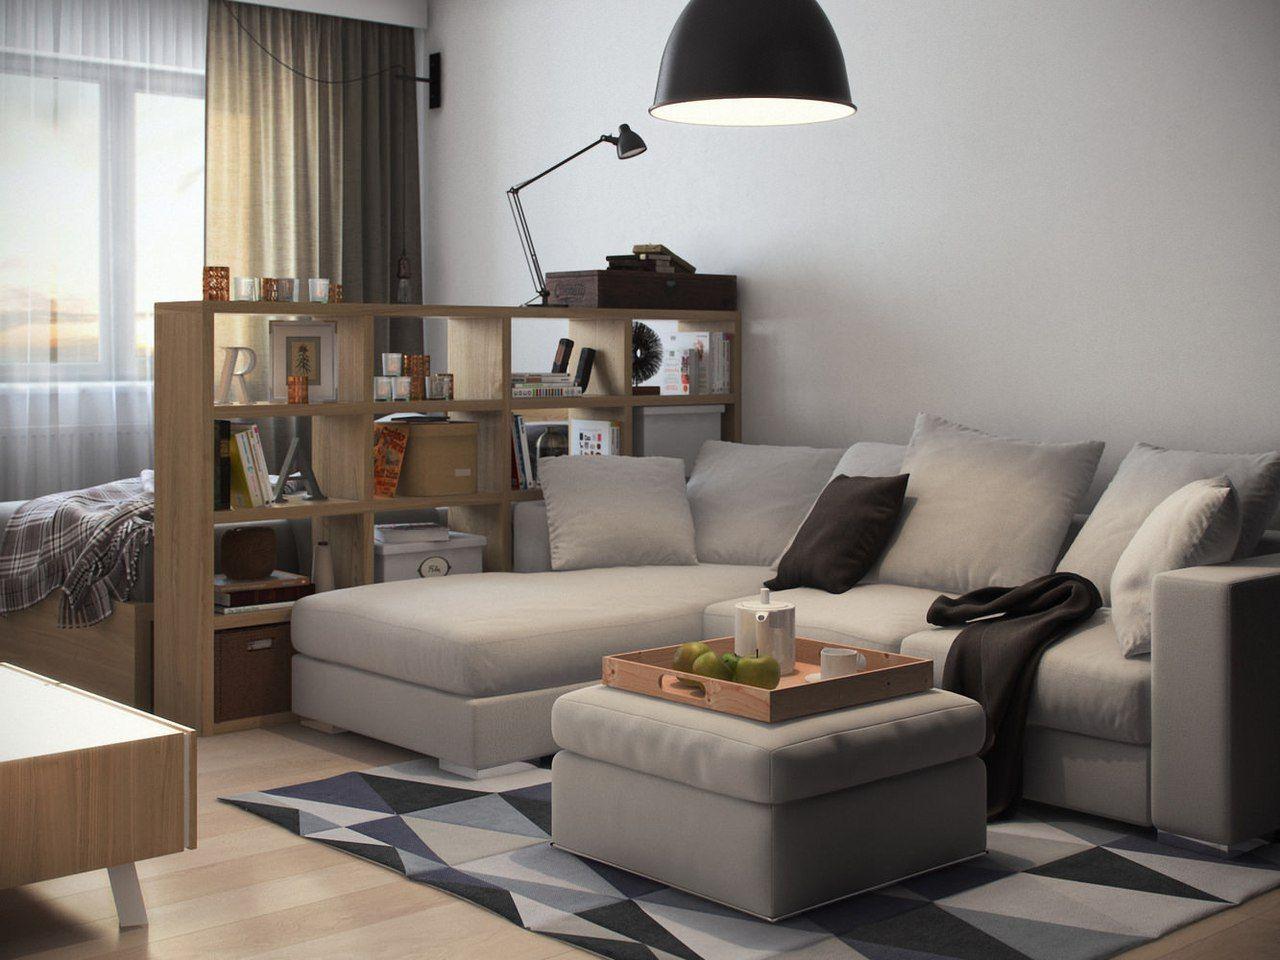 спальня гостиная 16 кв м дизайн